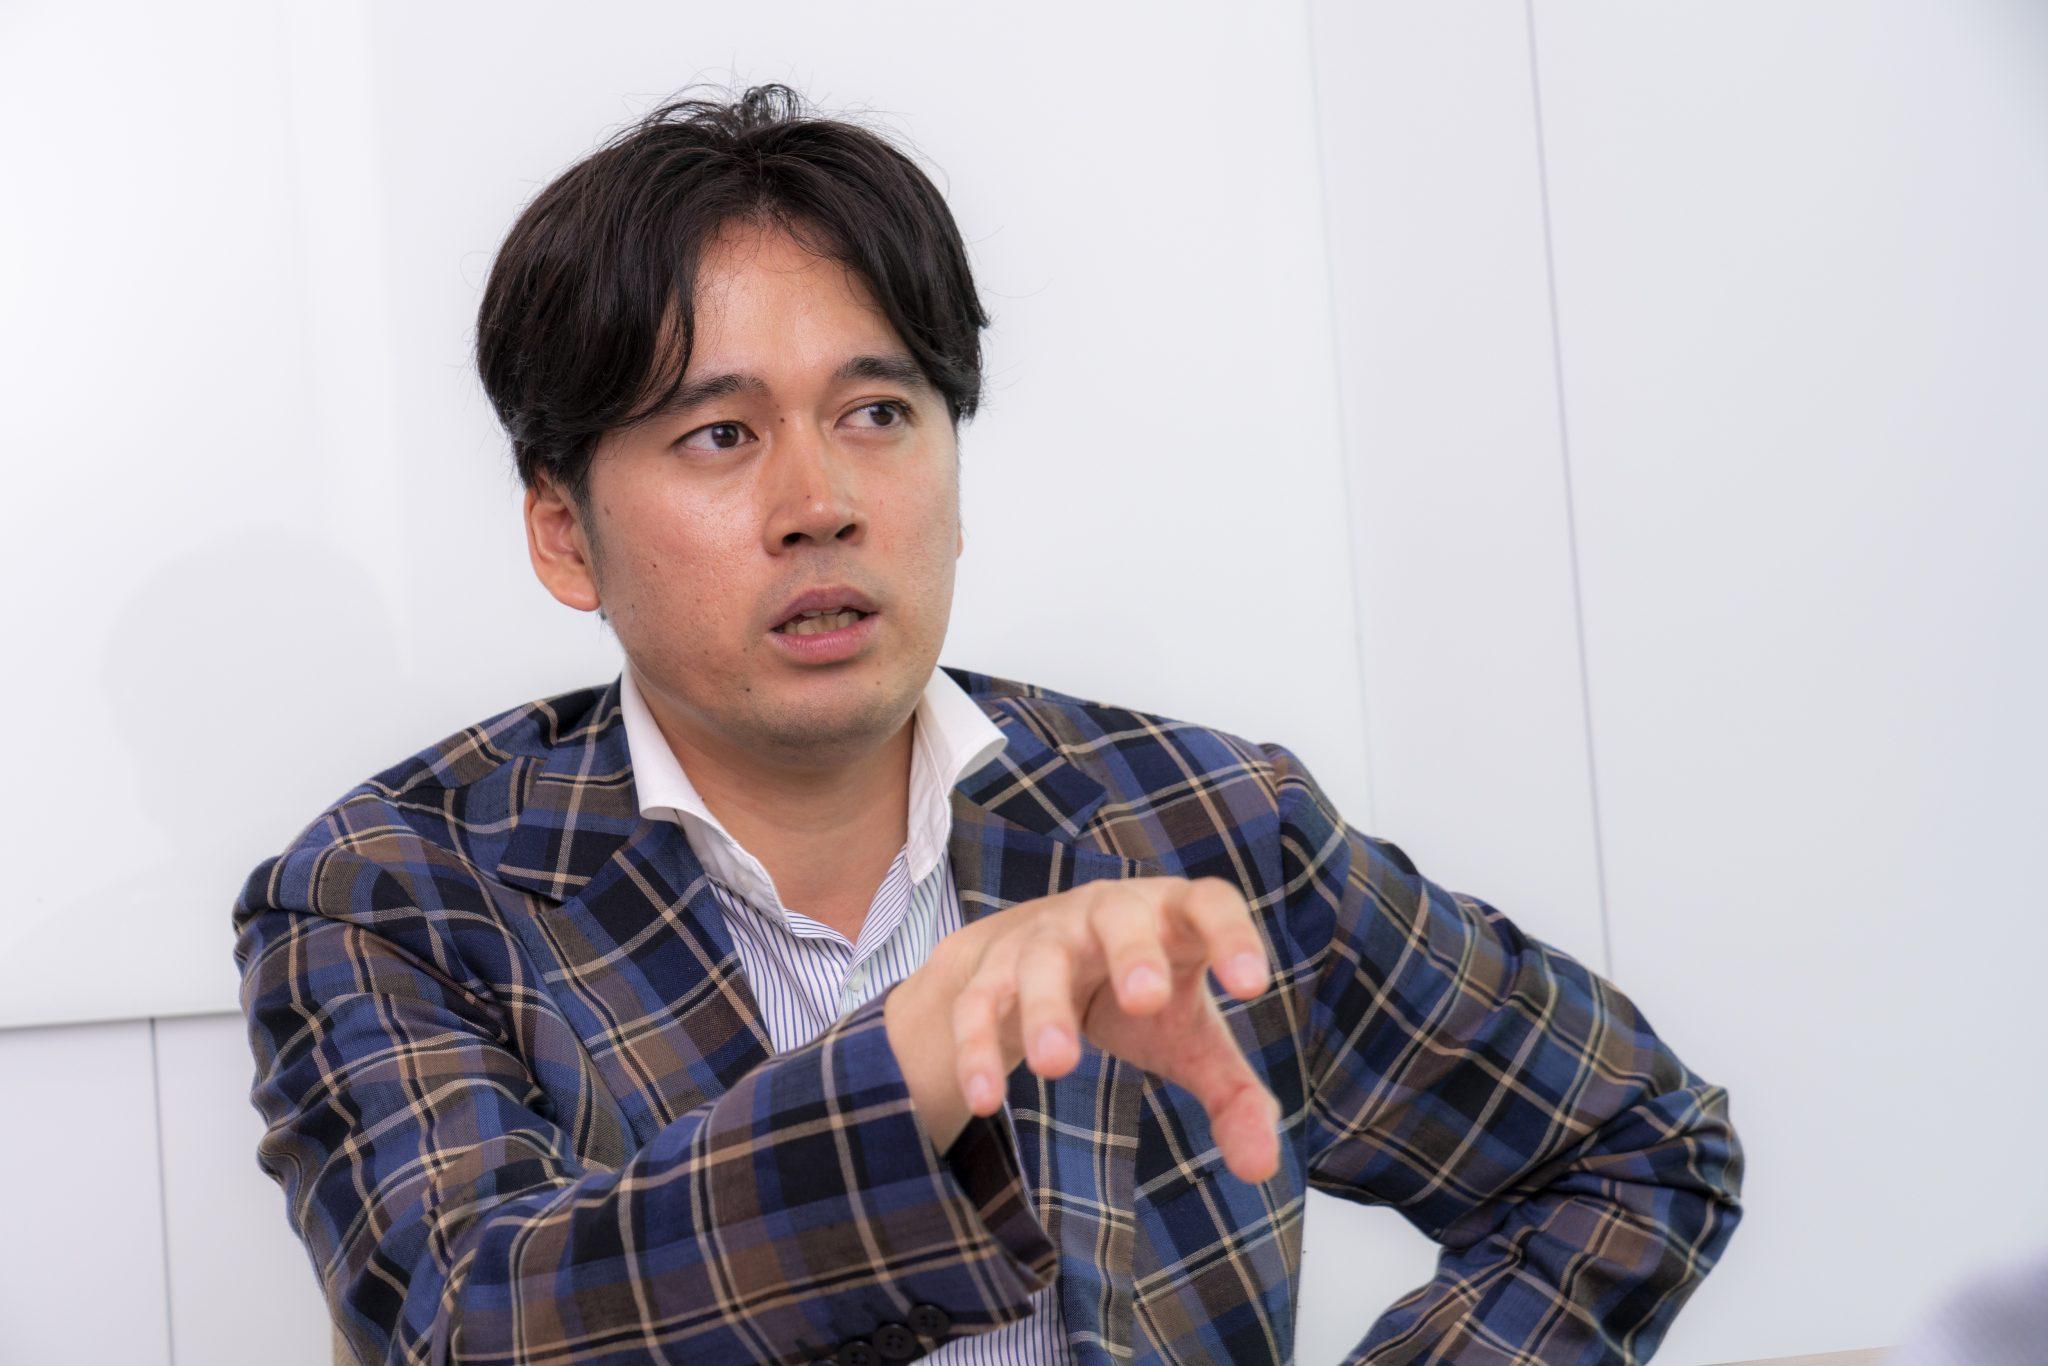 株式会社リミックスポイント CEO 小田玄紀 インタビュー1-3